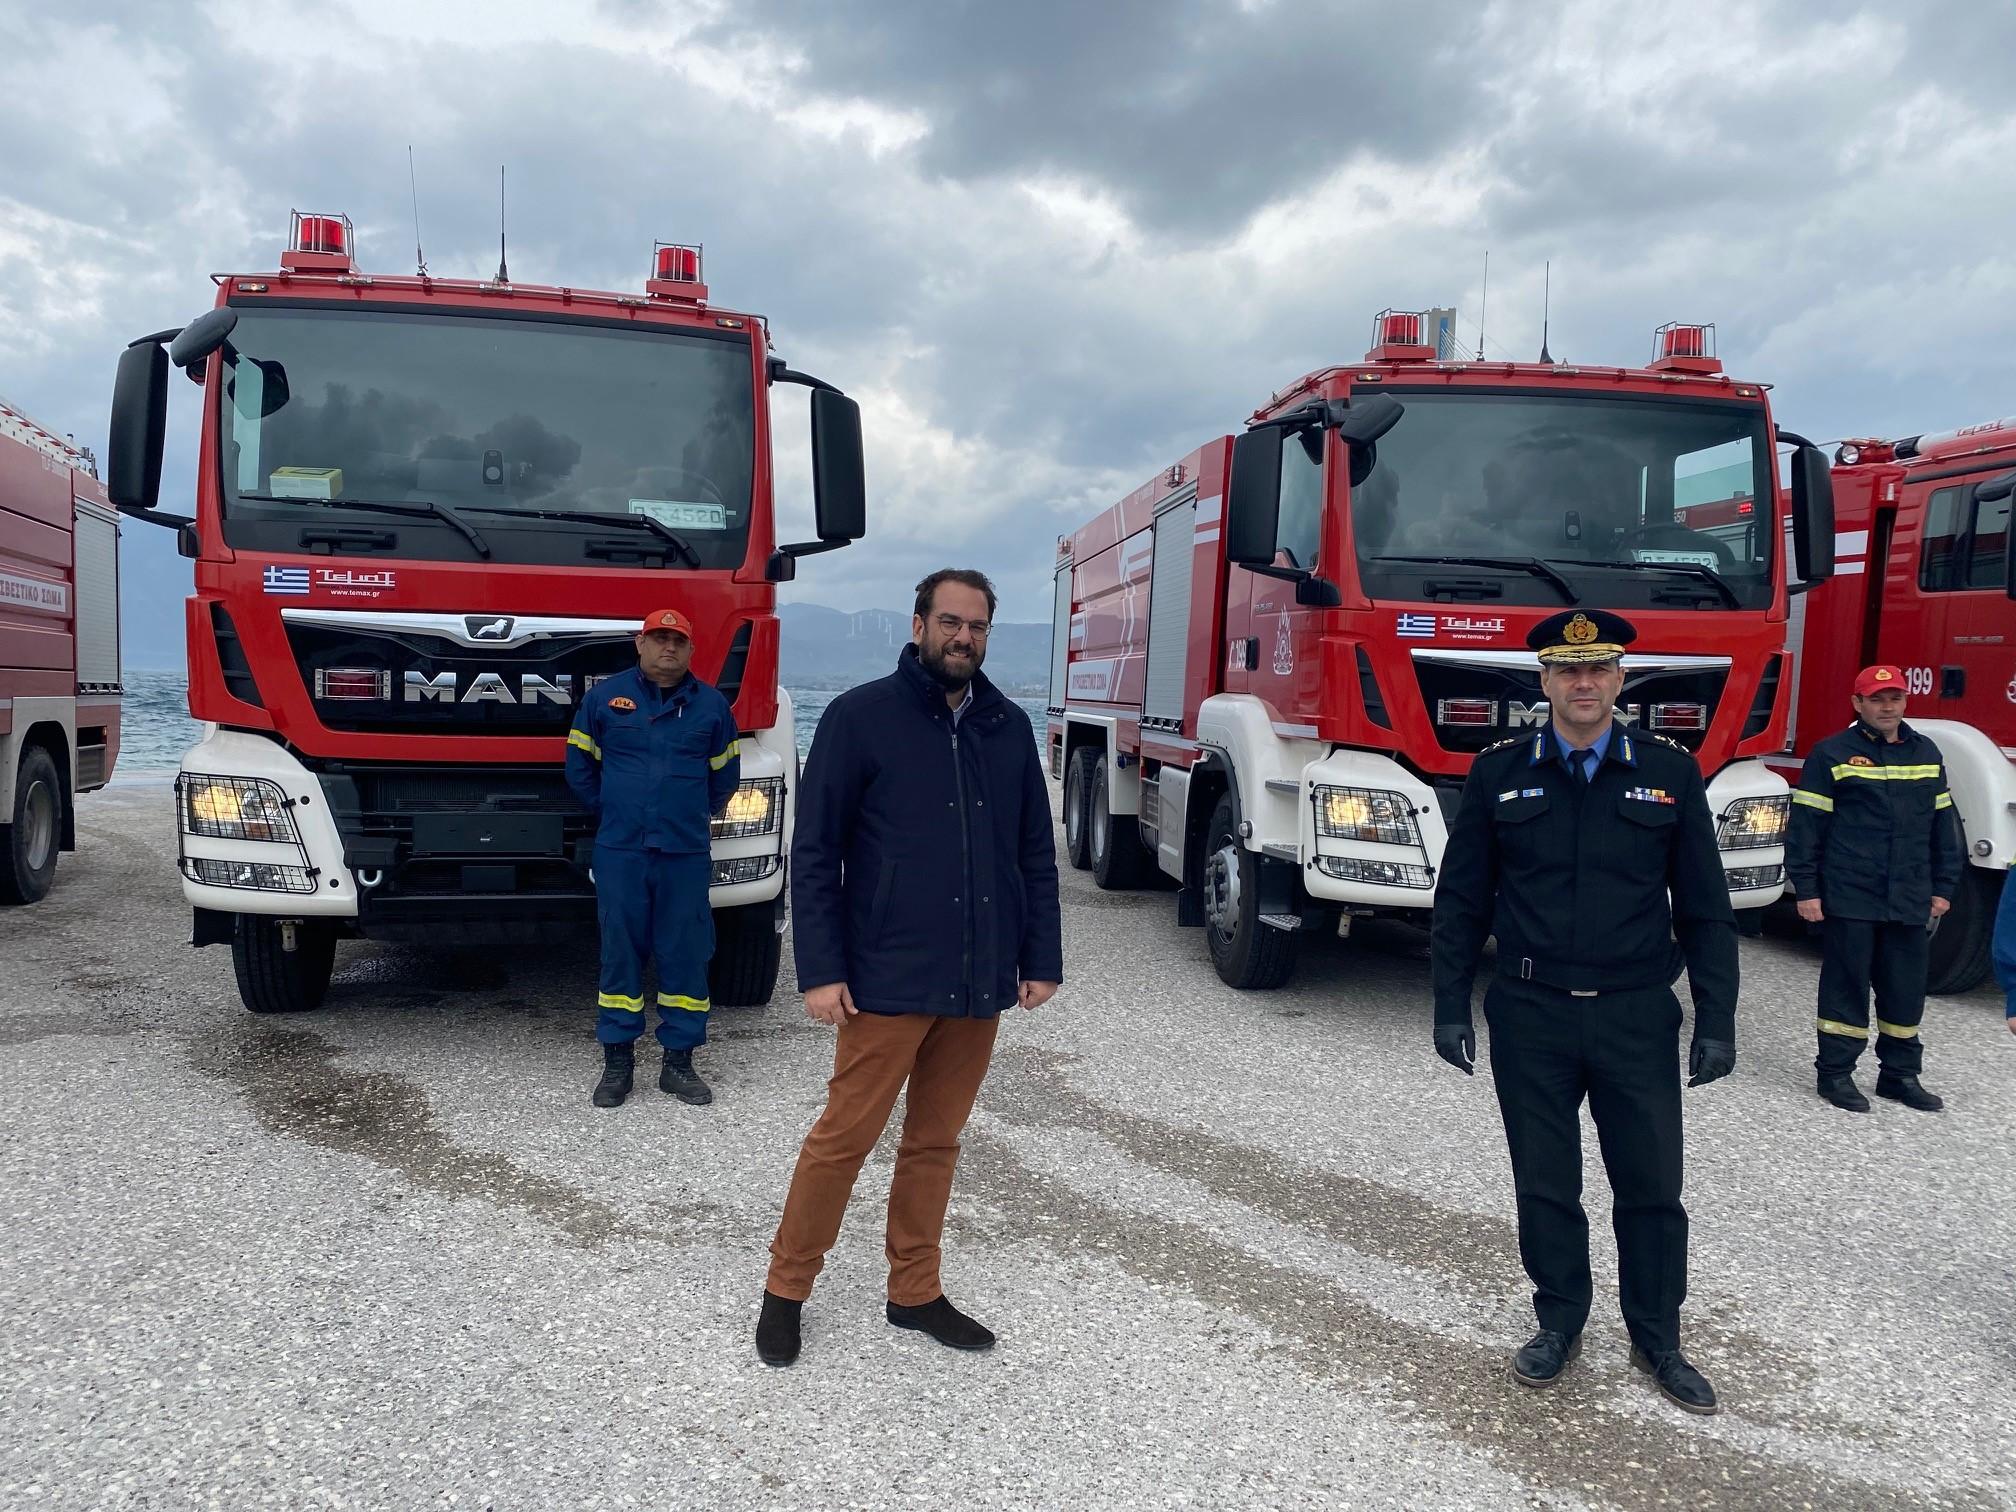 Παρέλαβε τέσσερα νέα πυροσβεστικά οχήματα η Περιφέρεια Δυτικής Ελλάδας